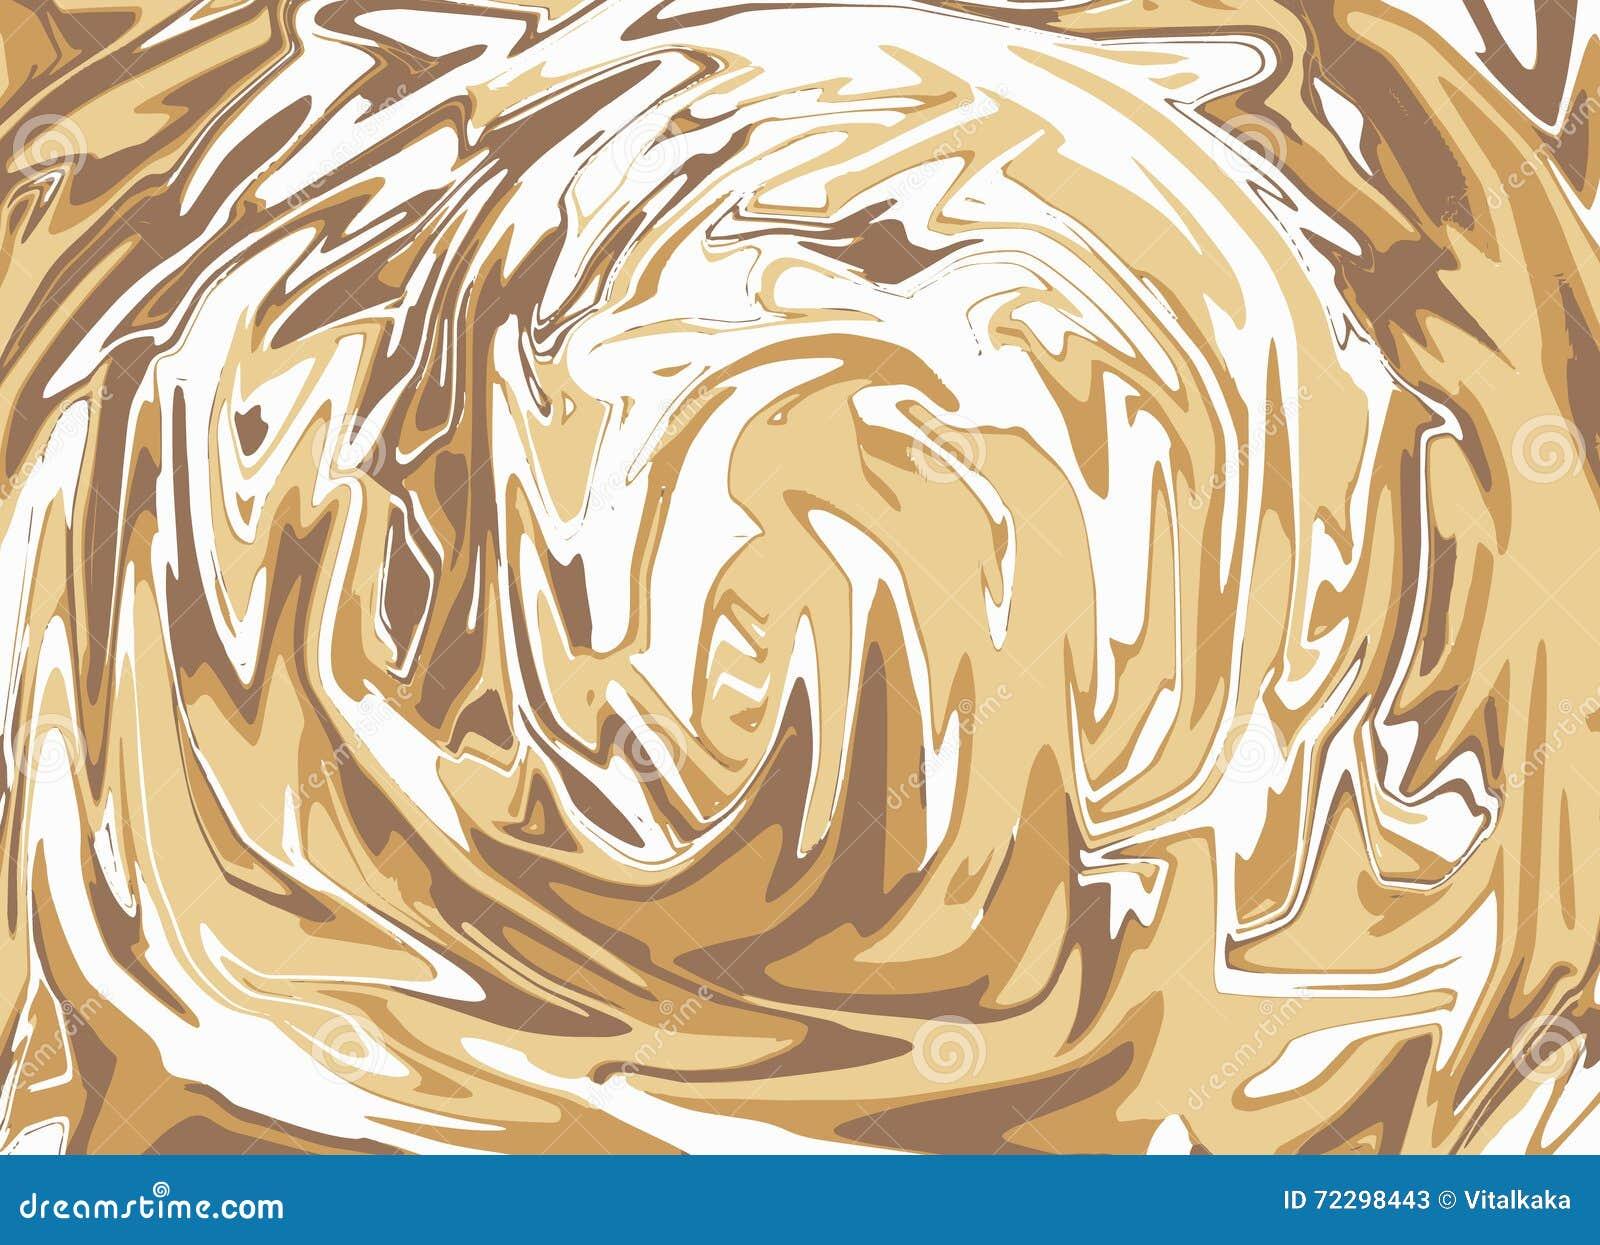 Download Vector предпосылка с жидкостными чернилами, рукой нарисованная мраморизуя иллюстрация, мраморная текстура, Иллюстрация вектора - иллюстрации насчитывающей нашлепок, график: 72298443